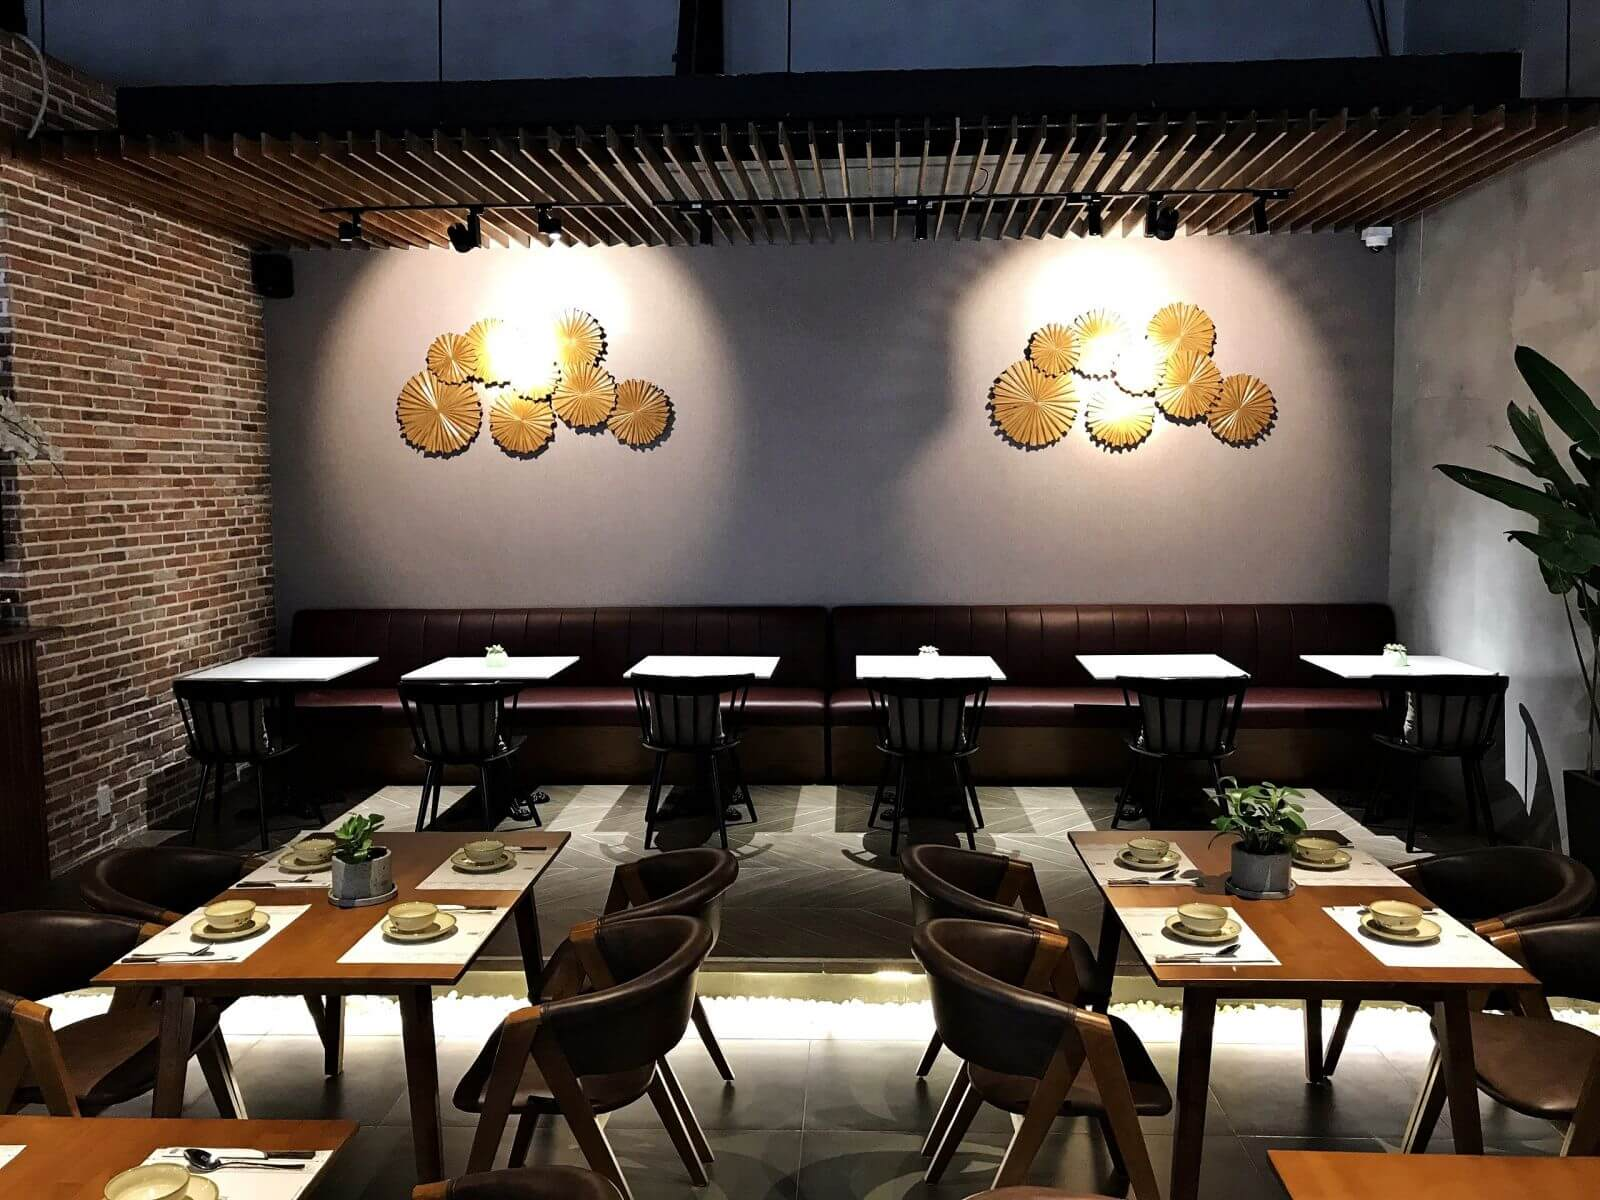 Thiết kế nhà hàng buffet - Mãn nhãn với 6 thiết kế ấn tượng nhất